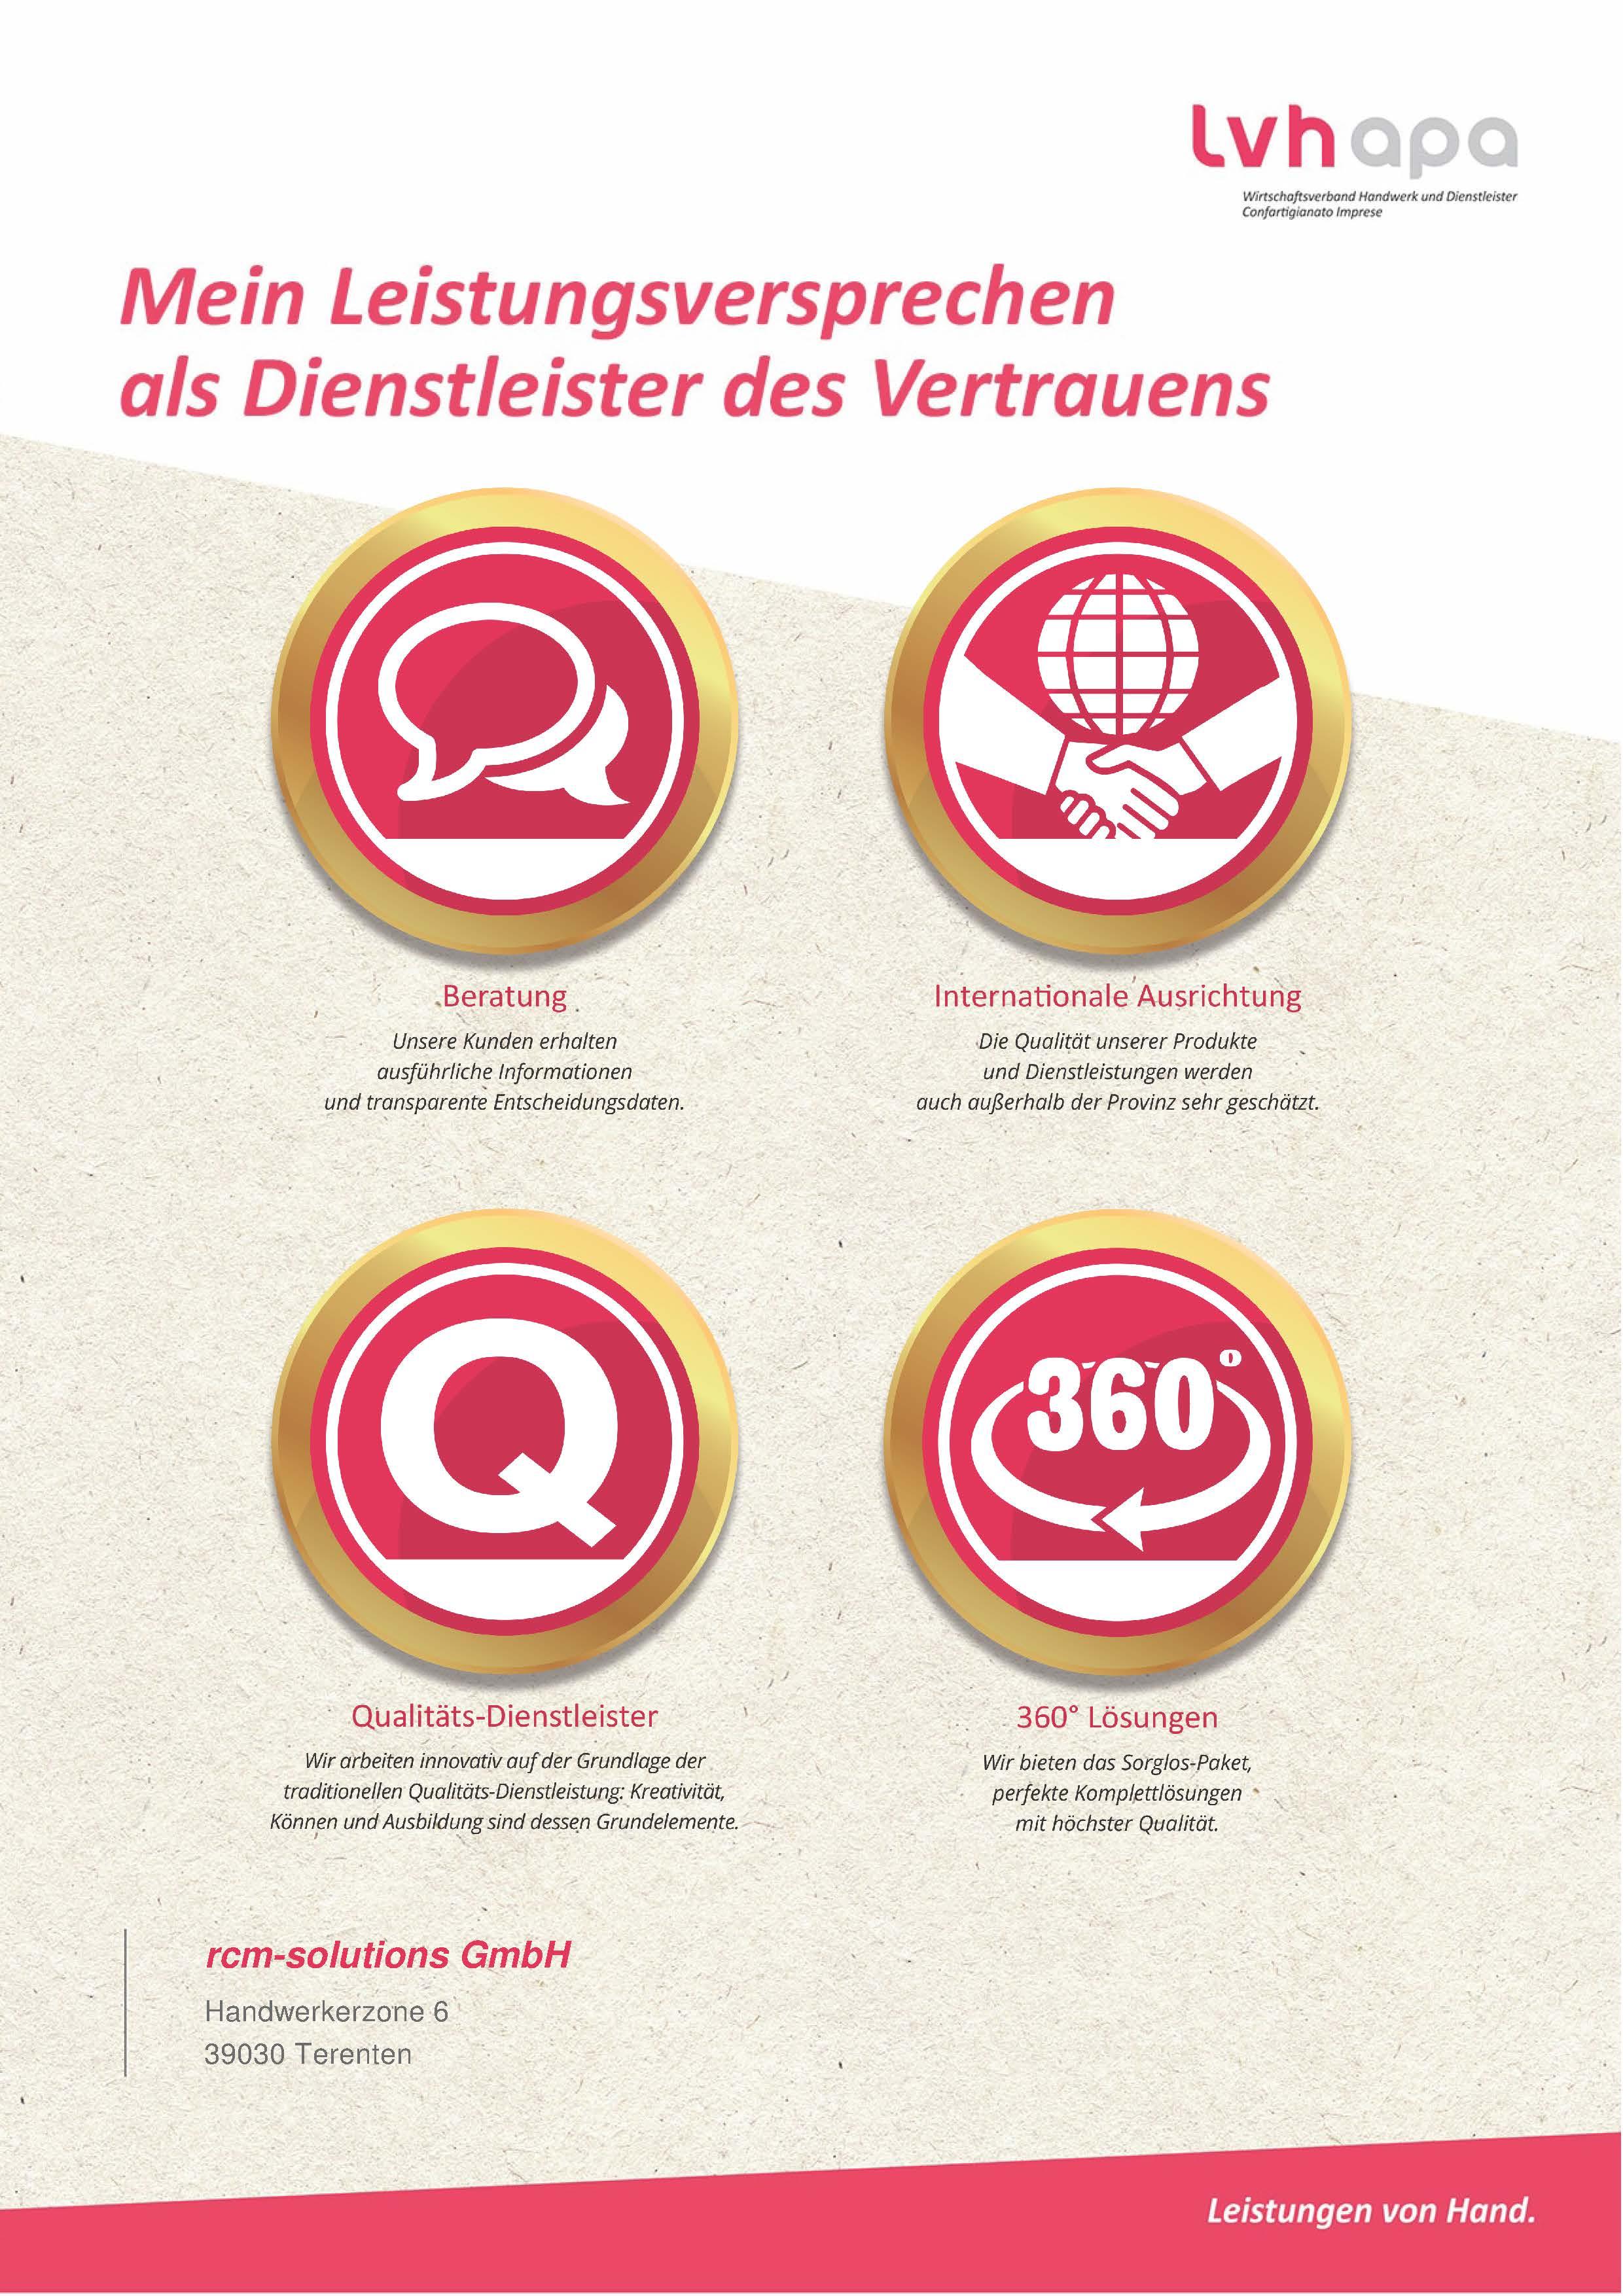 Leistungsversprechen rcm-solutions GmbH, Beratung, Internationale Ausrichtung, Qualitäts-Dienstleister, 360° Lösungen